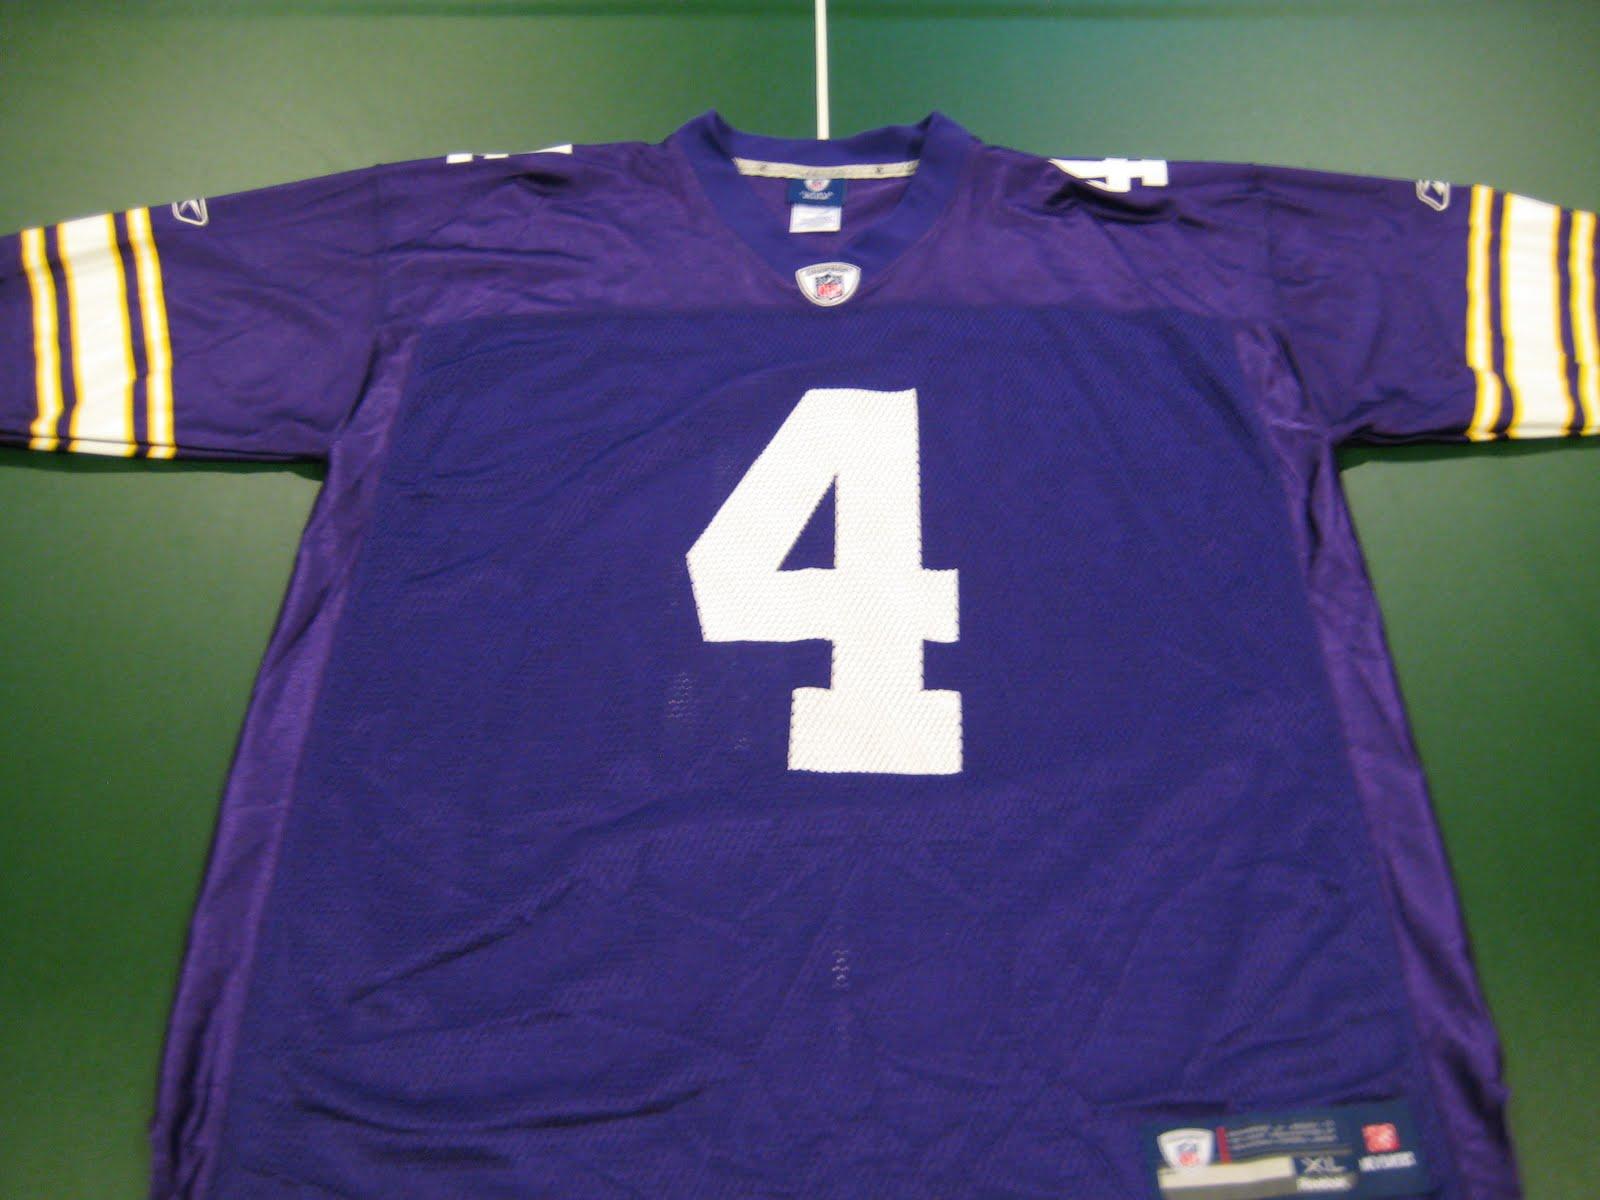 finest selection 3937a 023b3 Bmac's Jerseys: Brett Favre Replica Alternate/Throwback Jersey